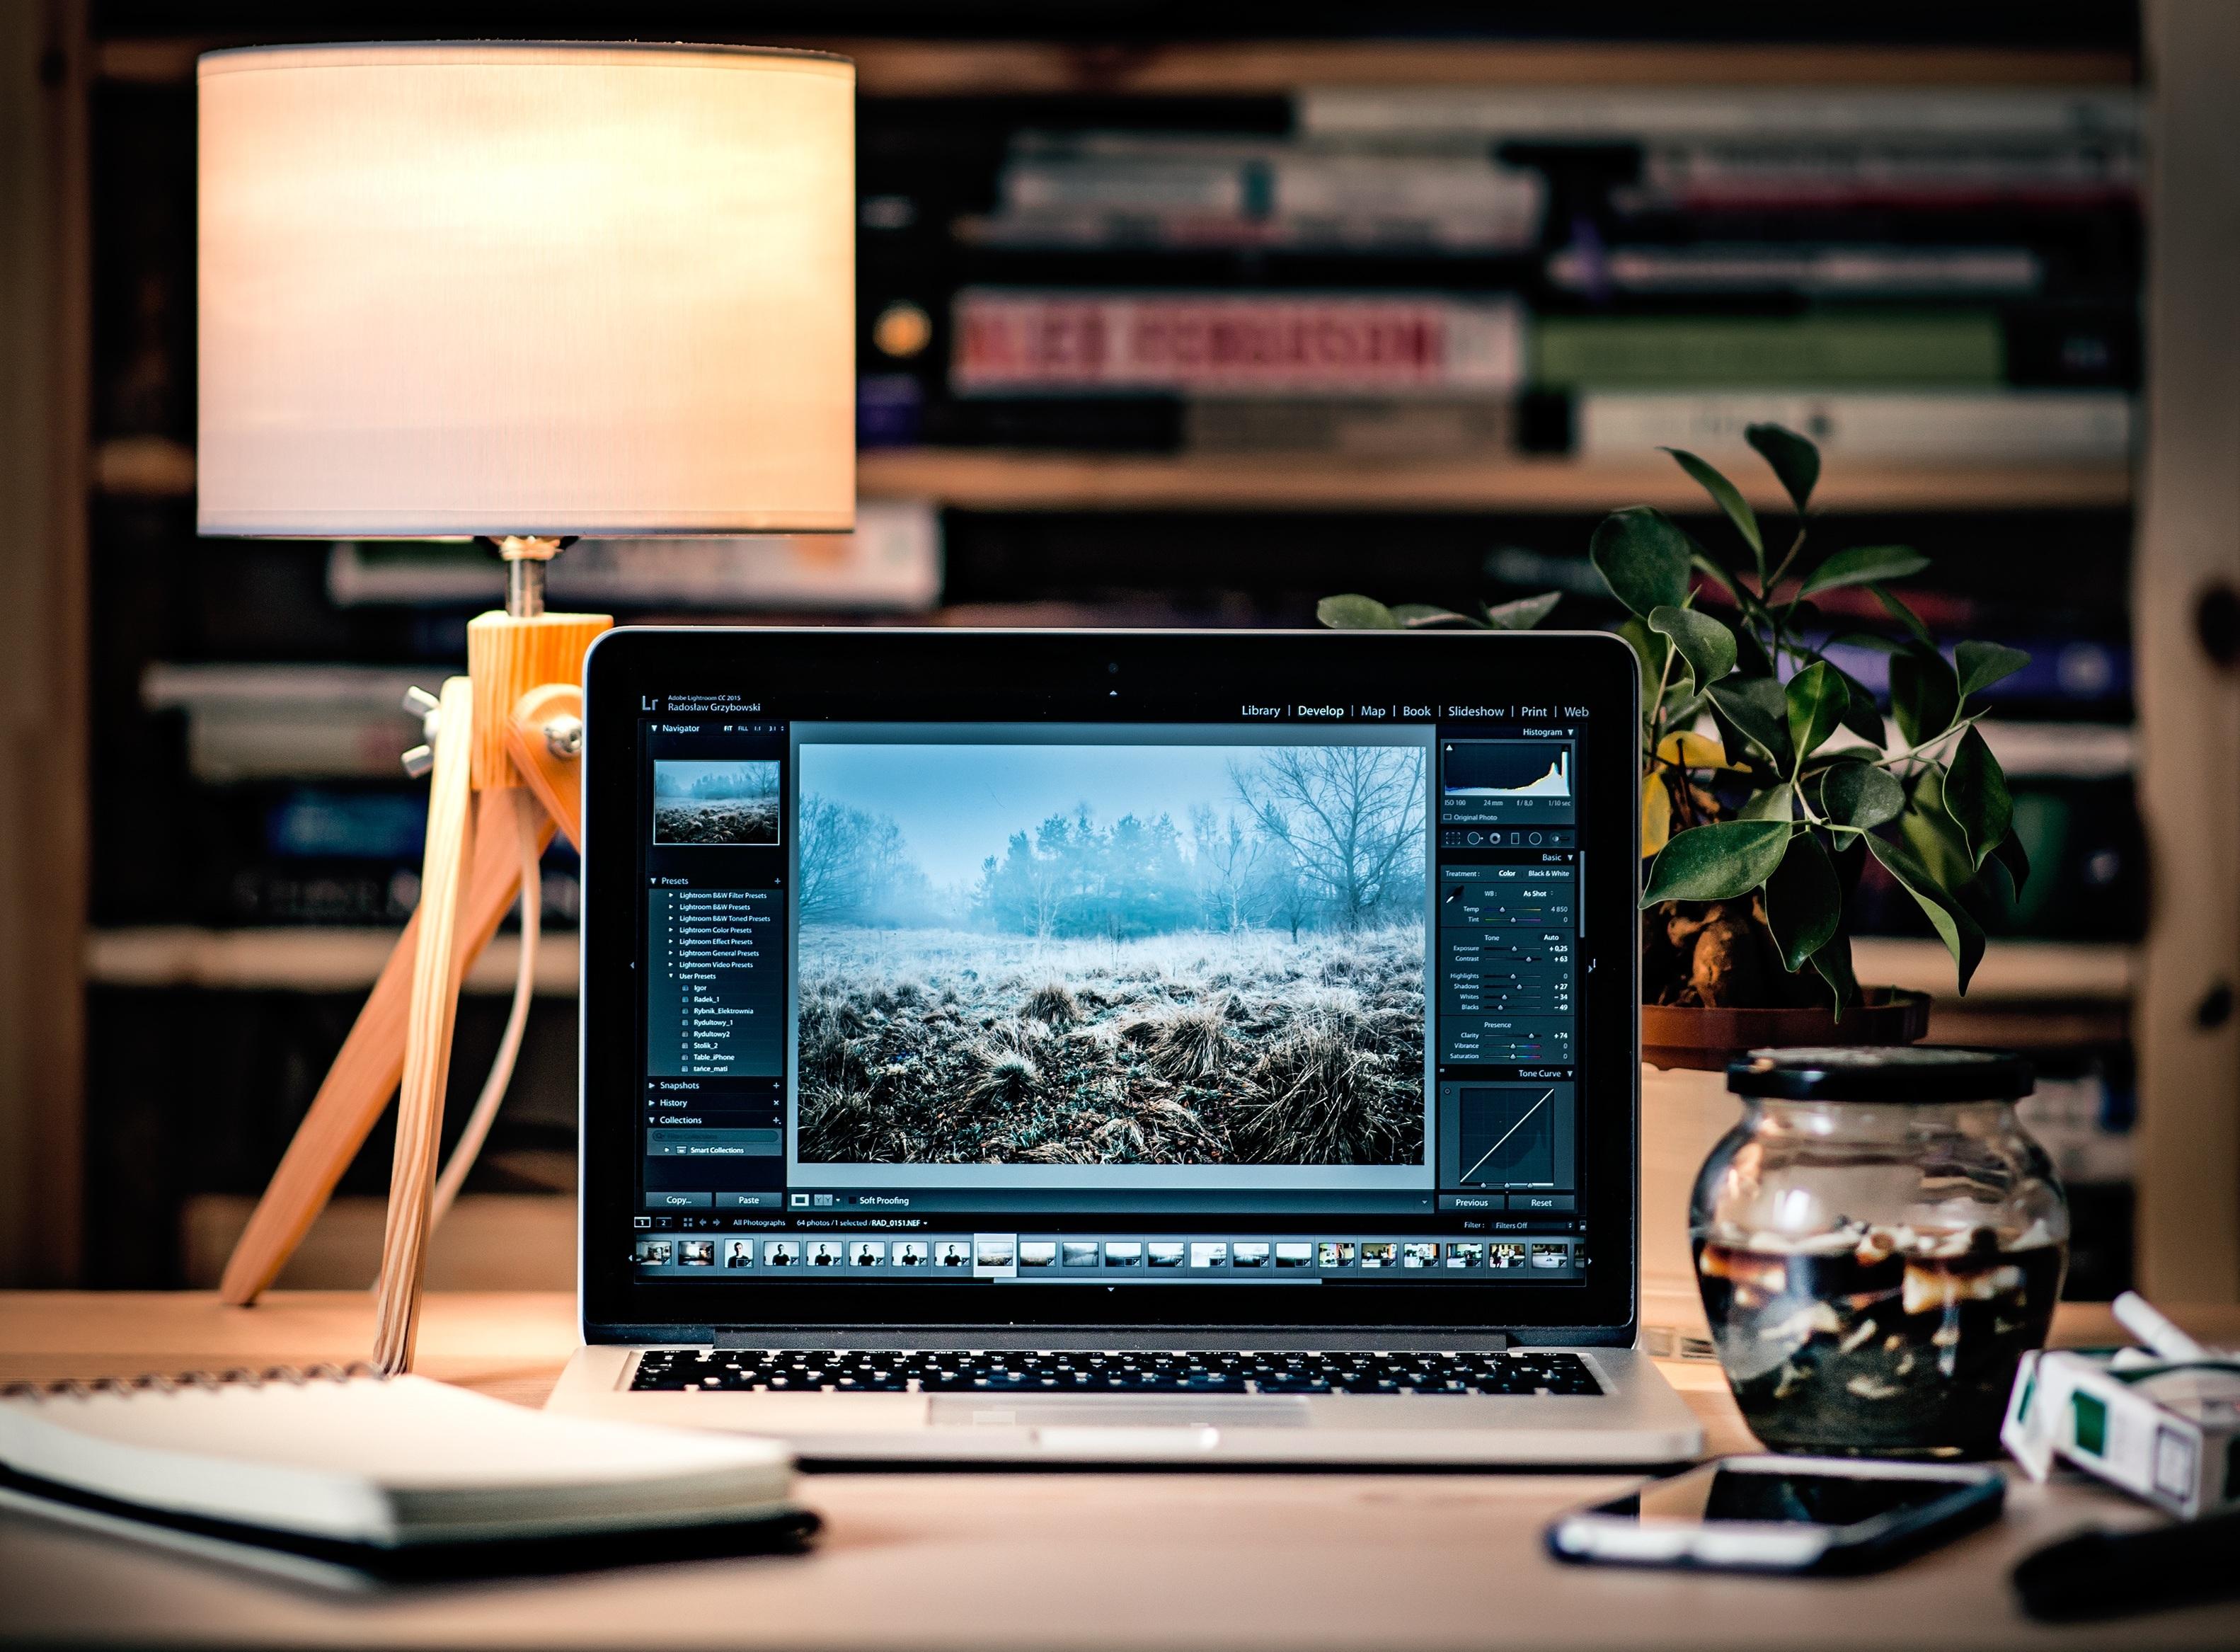 Images gratuites : carnet la technologie maison photo bureau